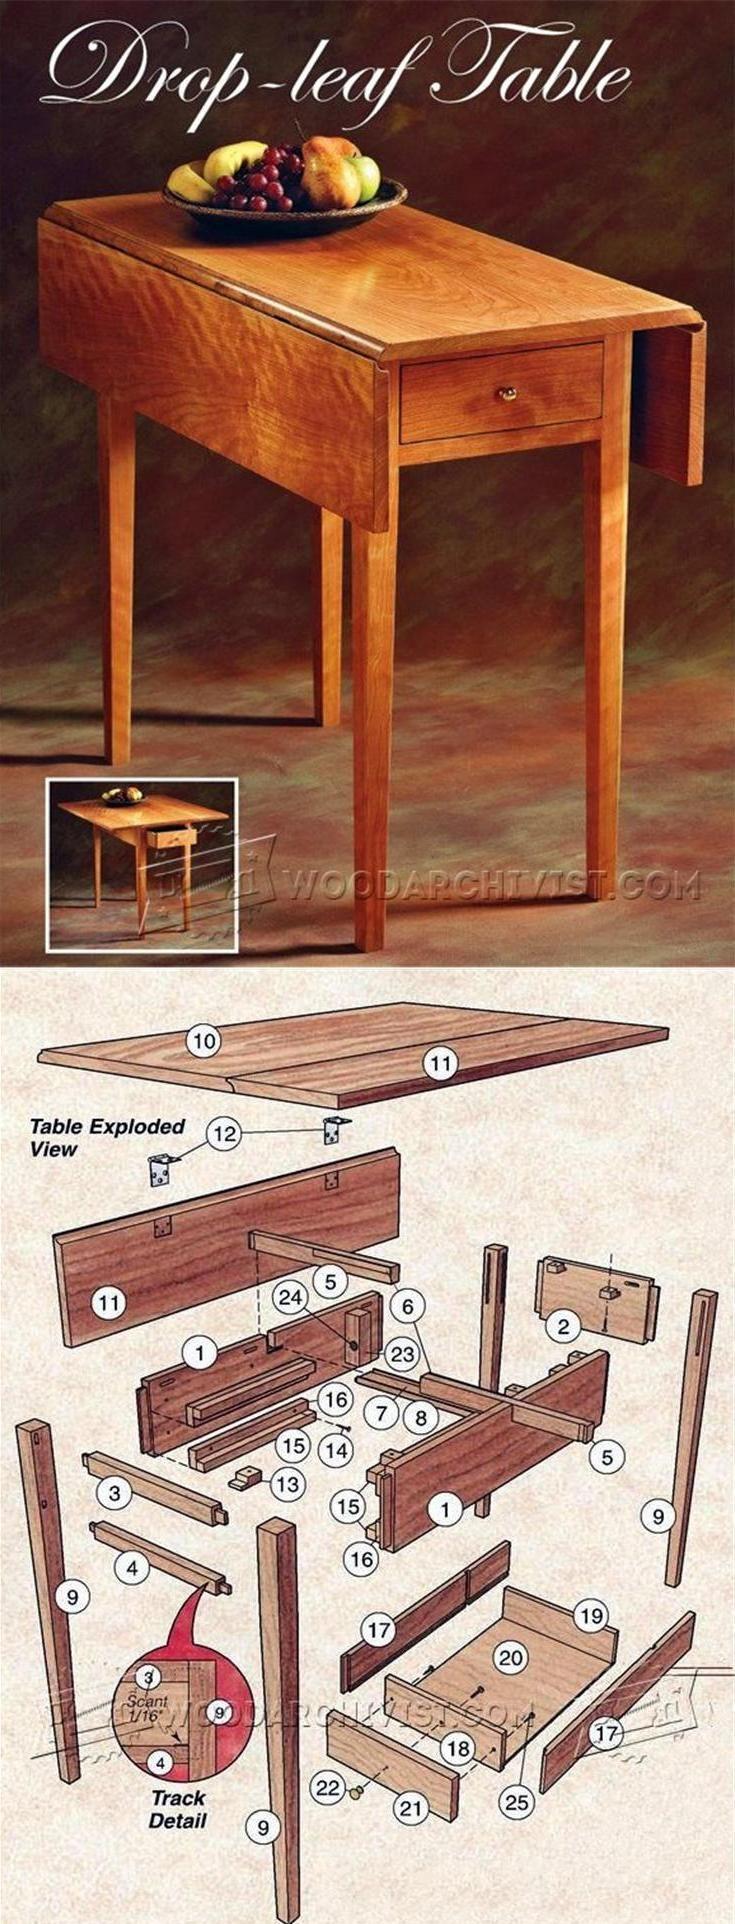 37+ Diy drop leaf craft table ideas in 2021